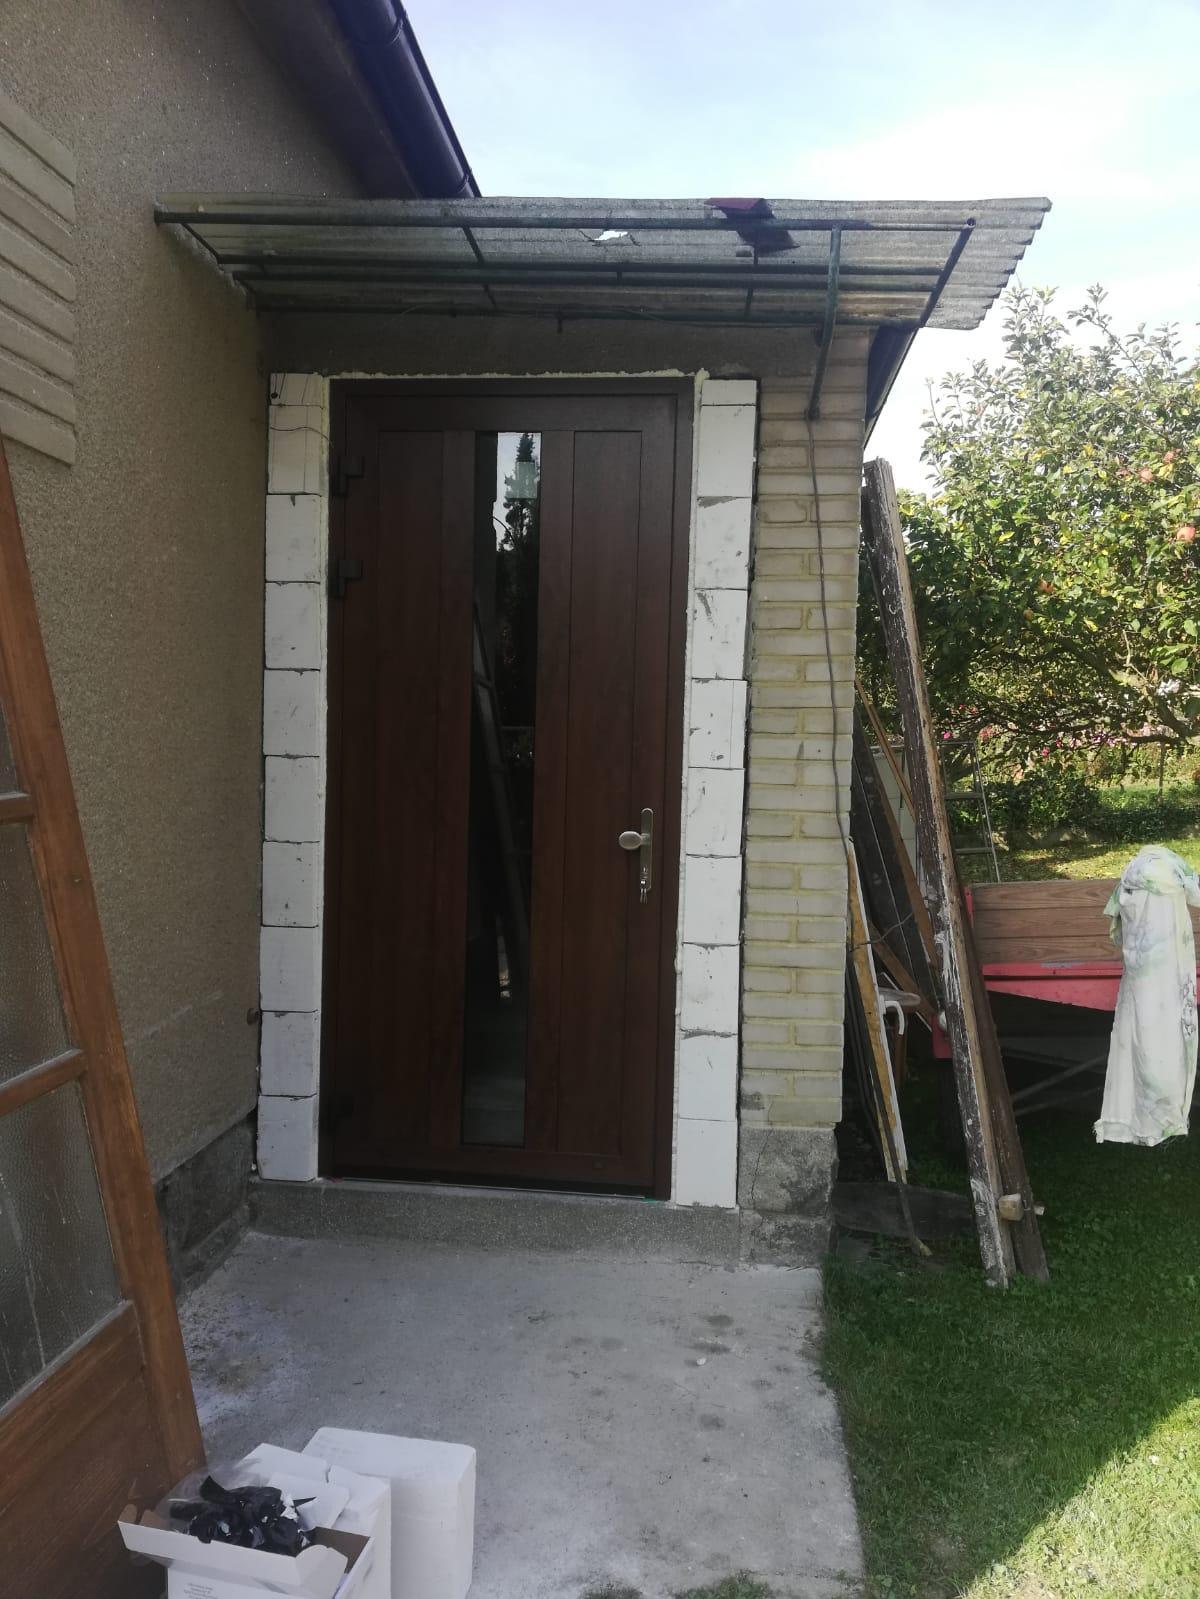 Rekonstrukce 🏡 20/21 - ..a nové dveře